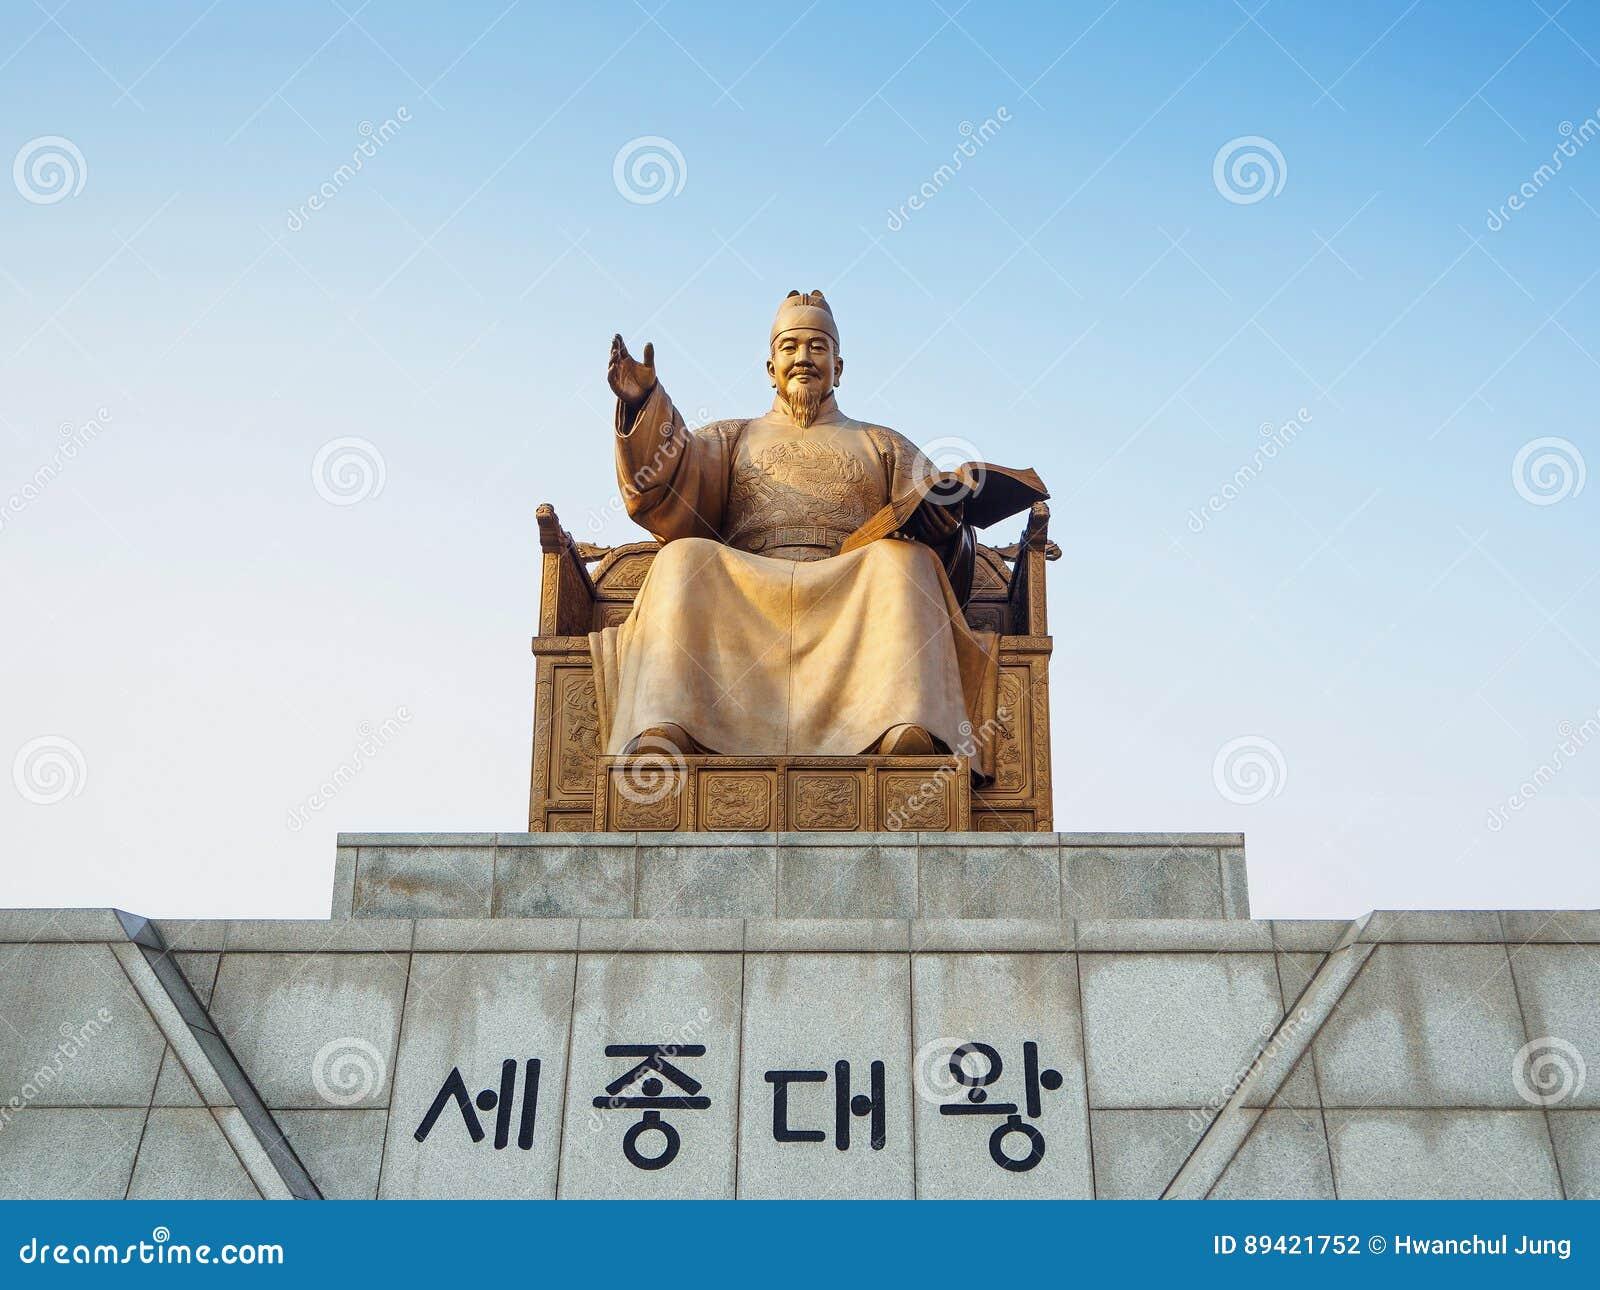 SEUL, COREA - MARCHA 18, 2017: Estatua del rey Sejong en el cuadrado de Gwanghwamun en Seul, Corea del Sur